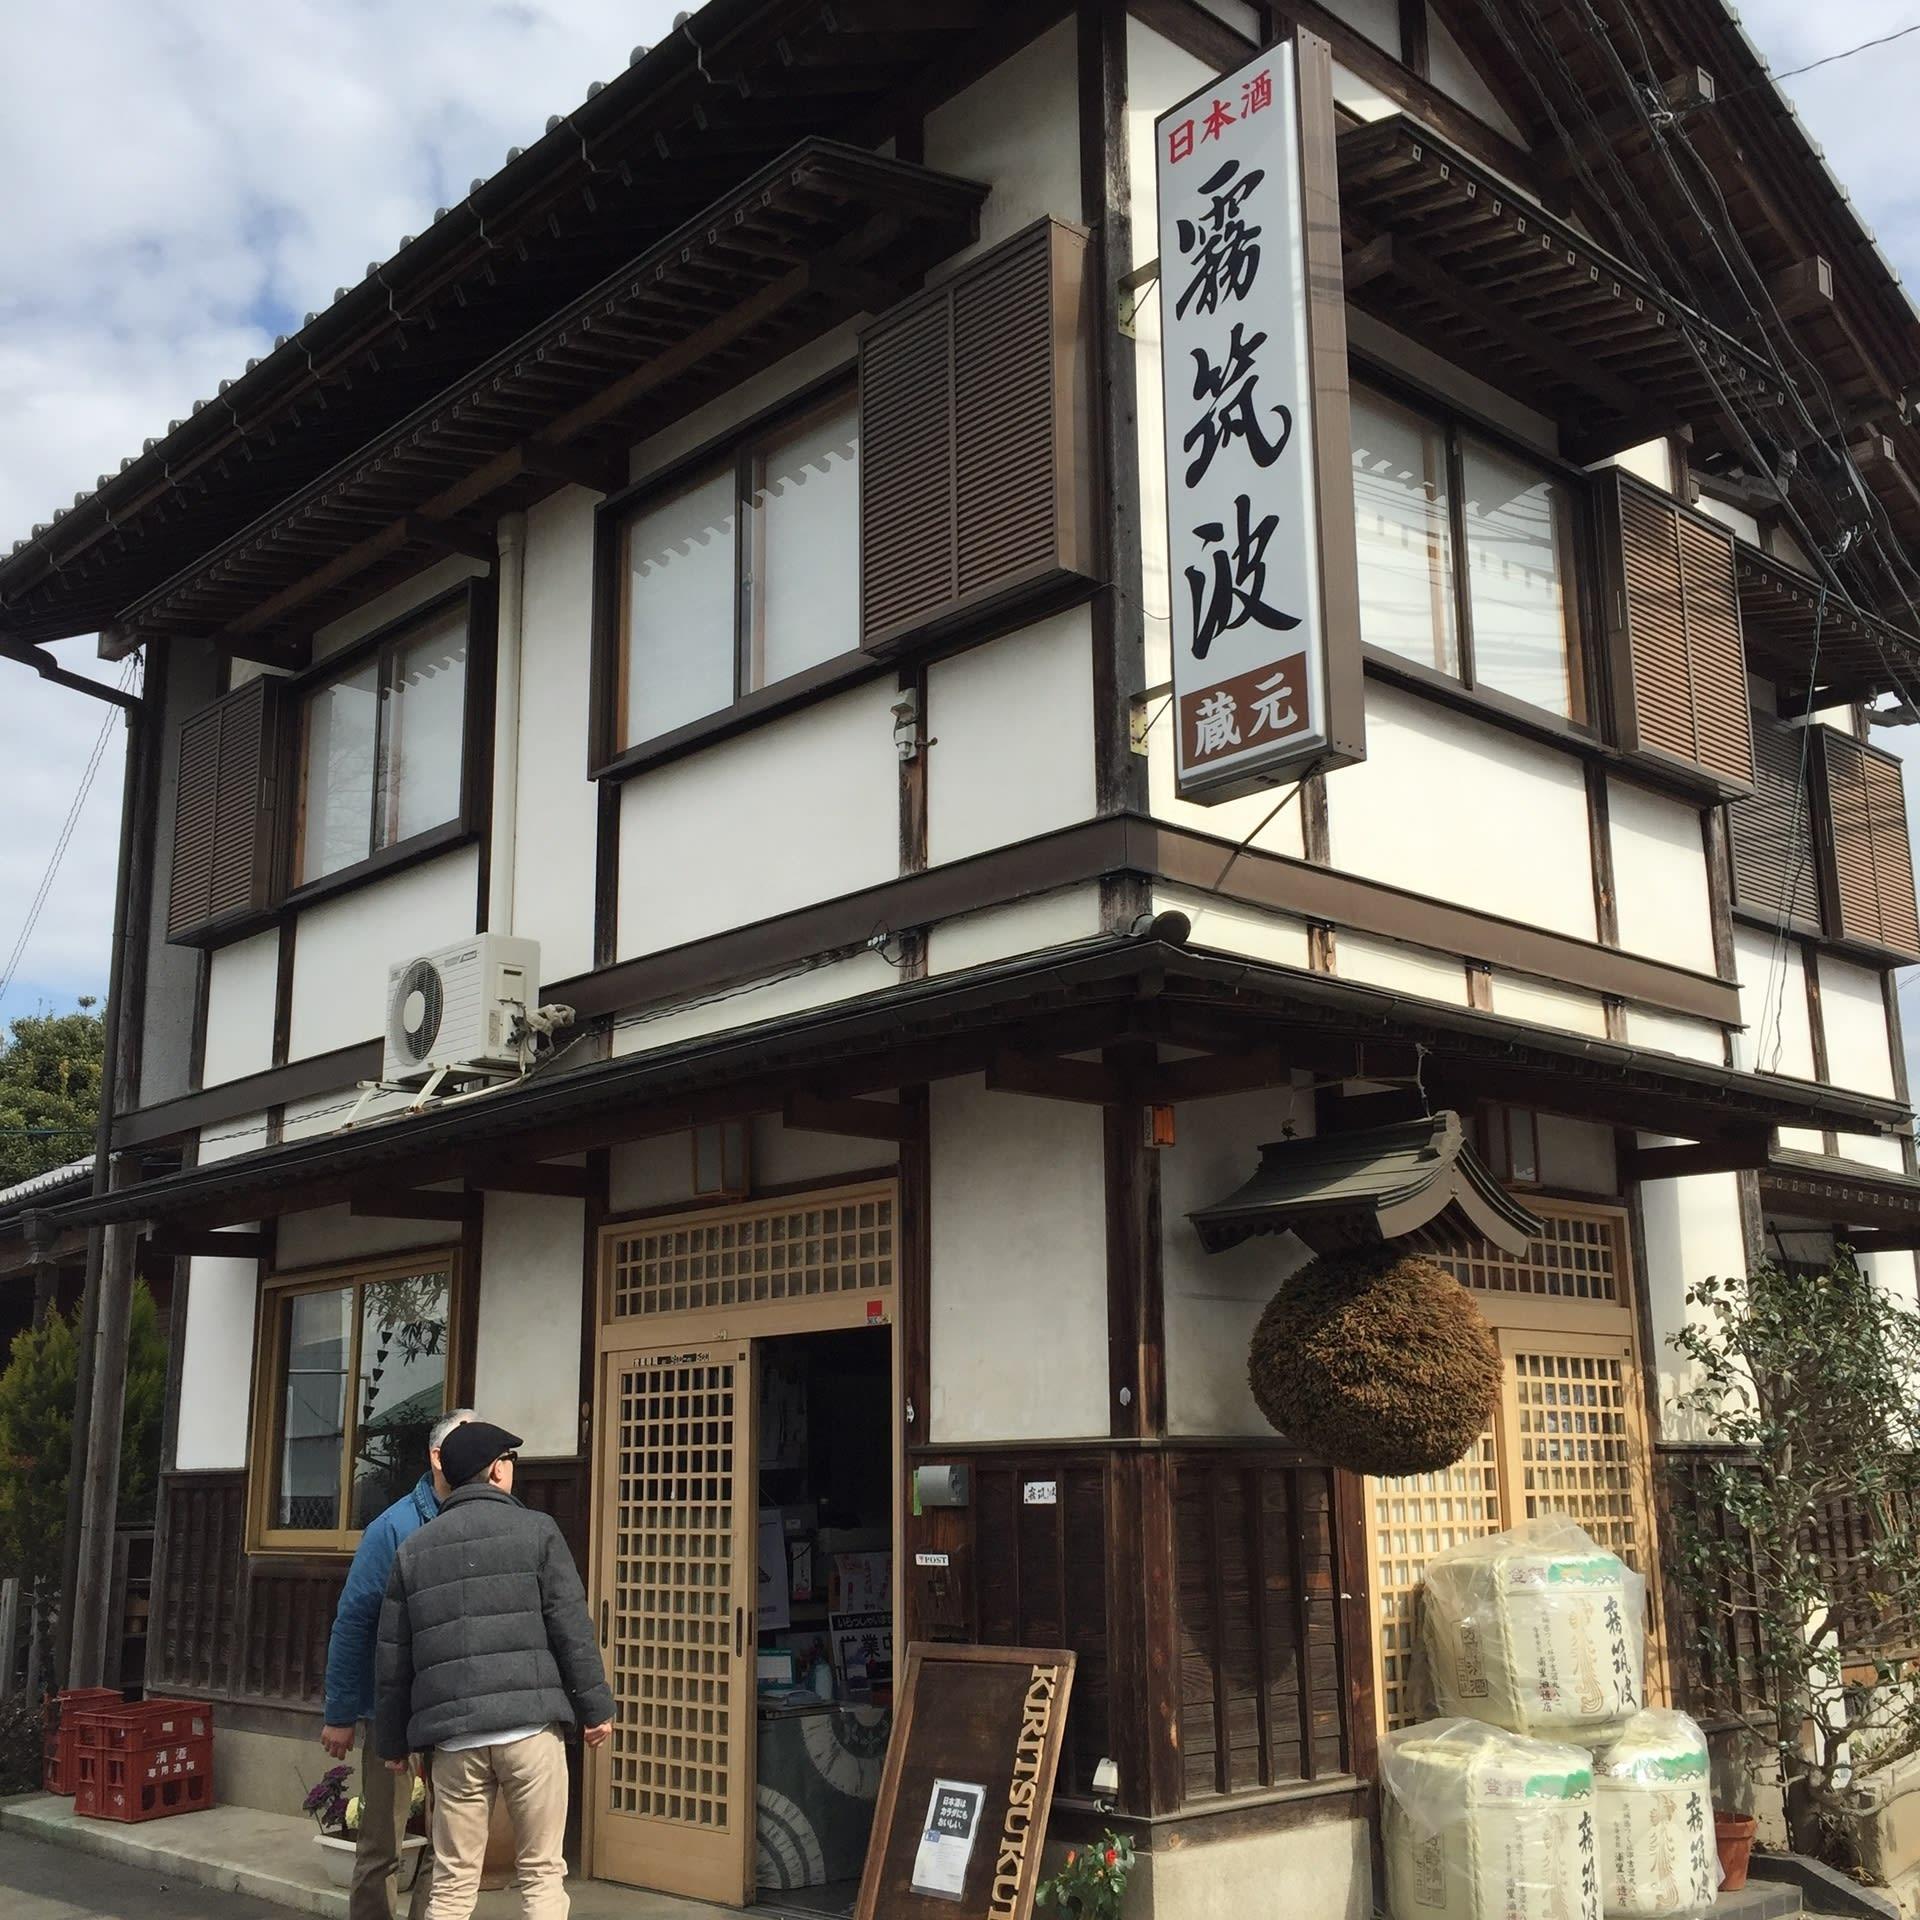 「鮨小野のもう一つのブログ」茨城県稲敷市江戸崎竹林の寿司店